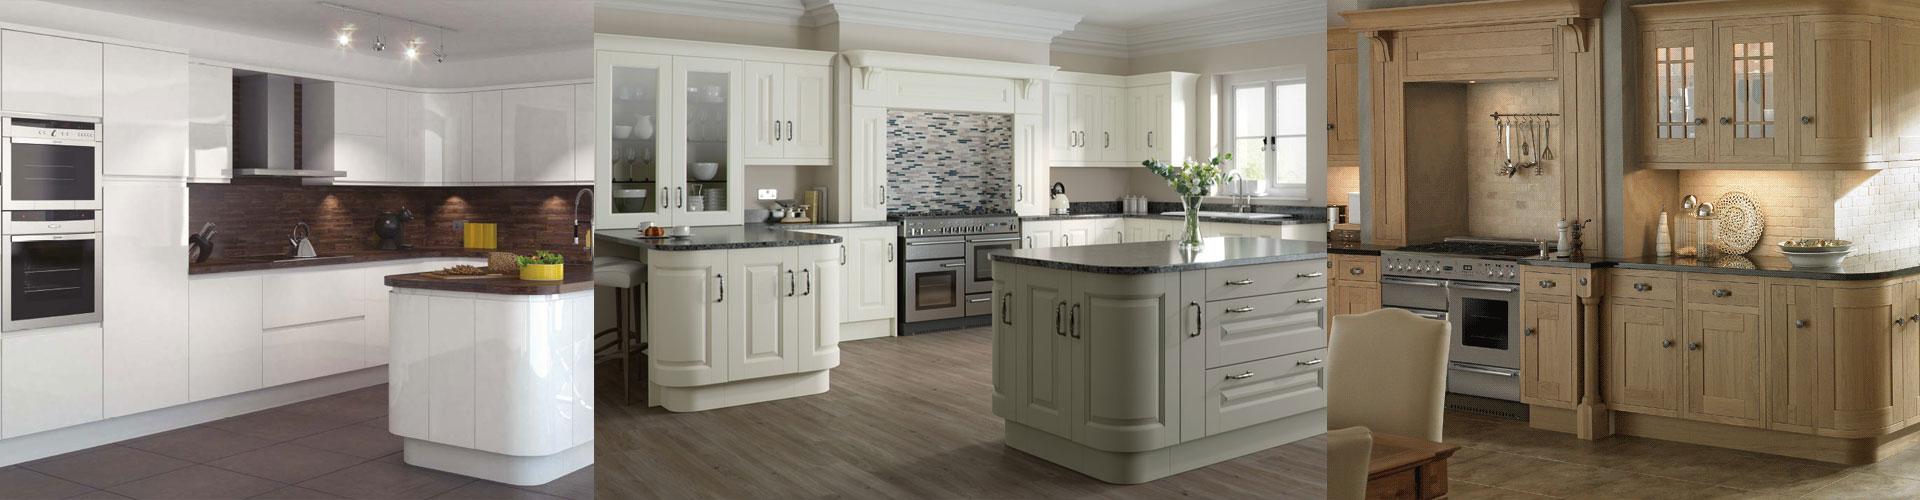 British Kitchens Aberdeen & Aberdeenshire: Sheraton Kitchens